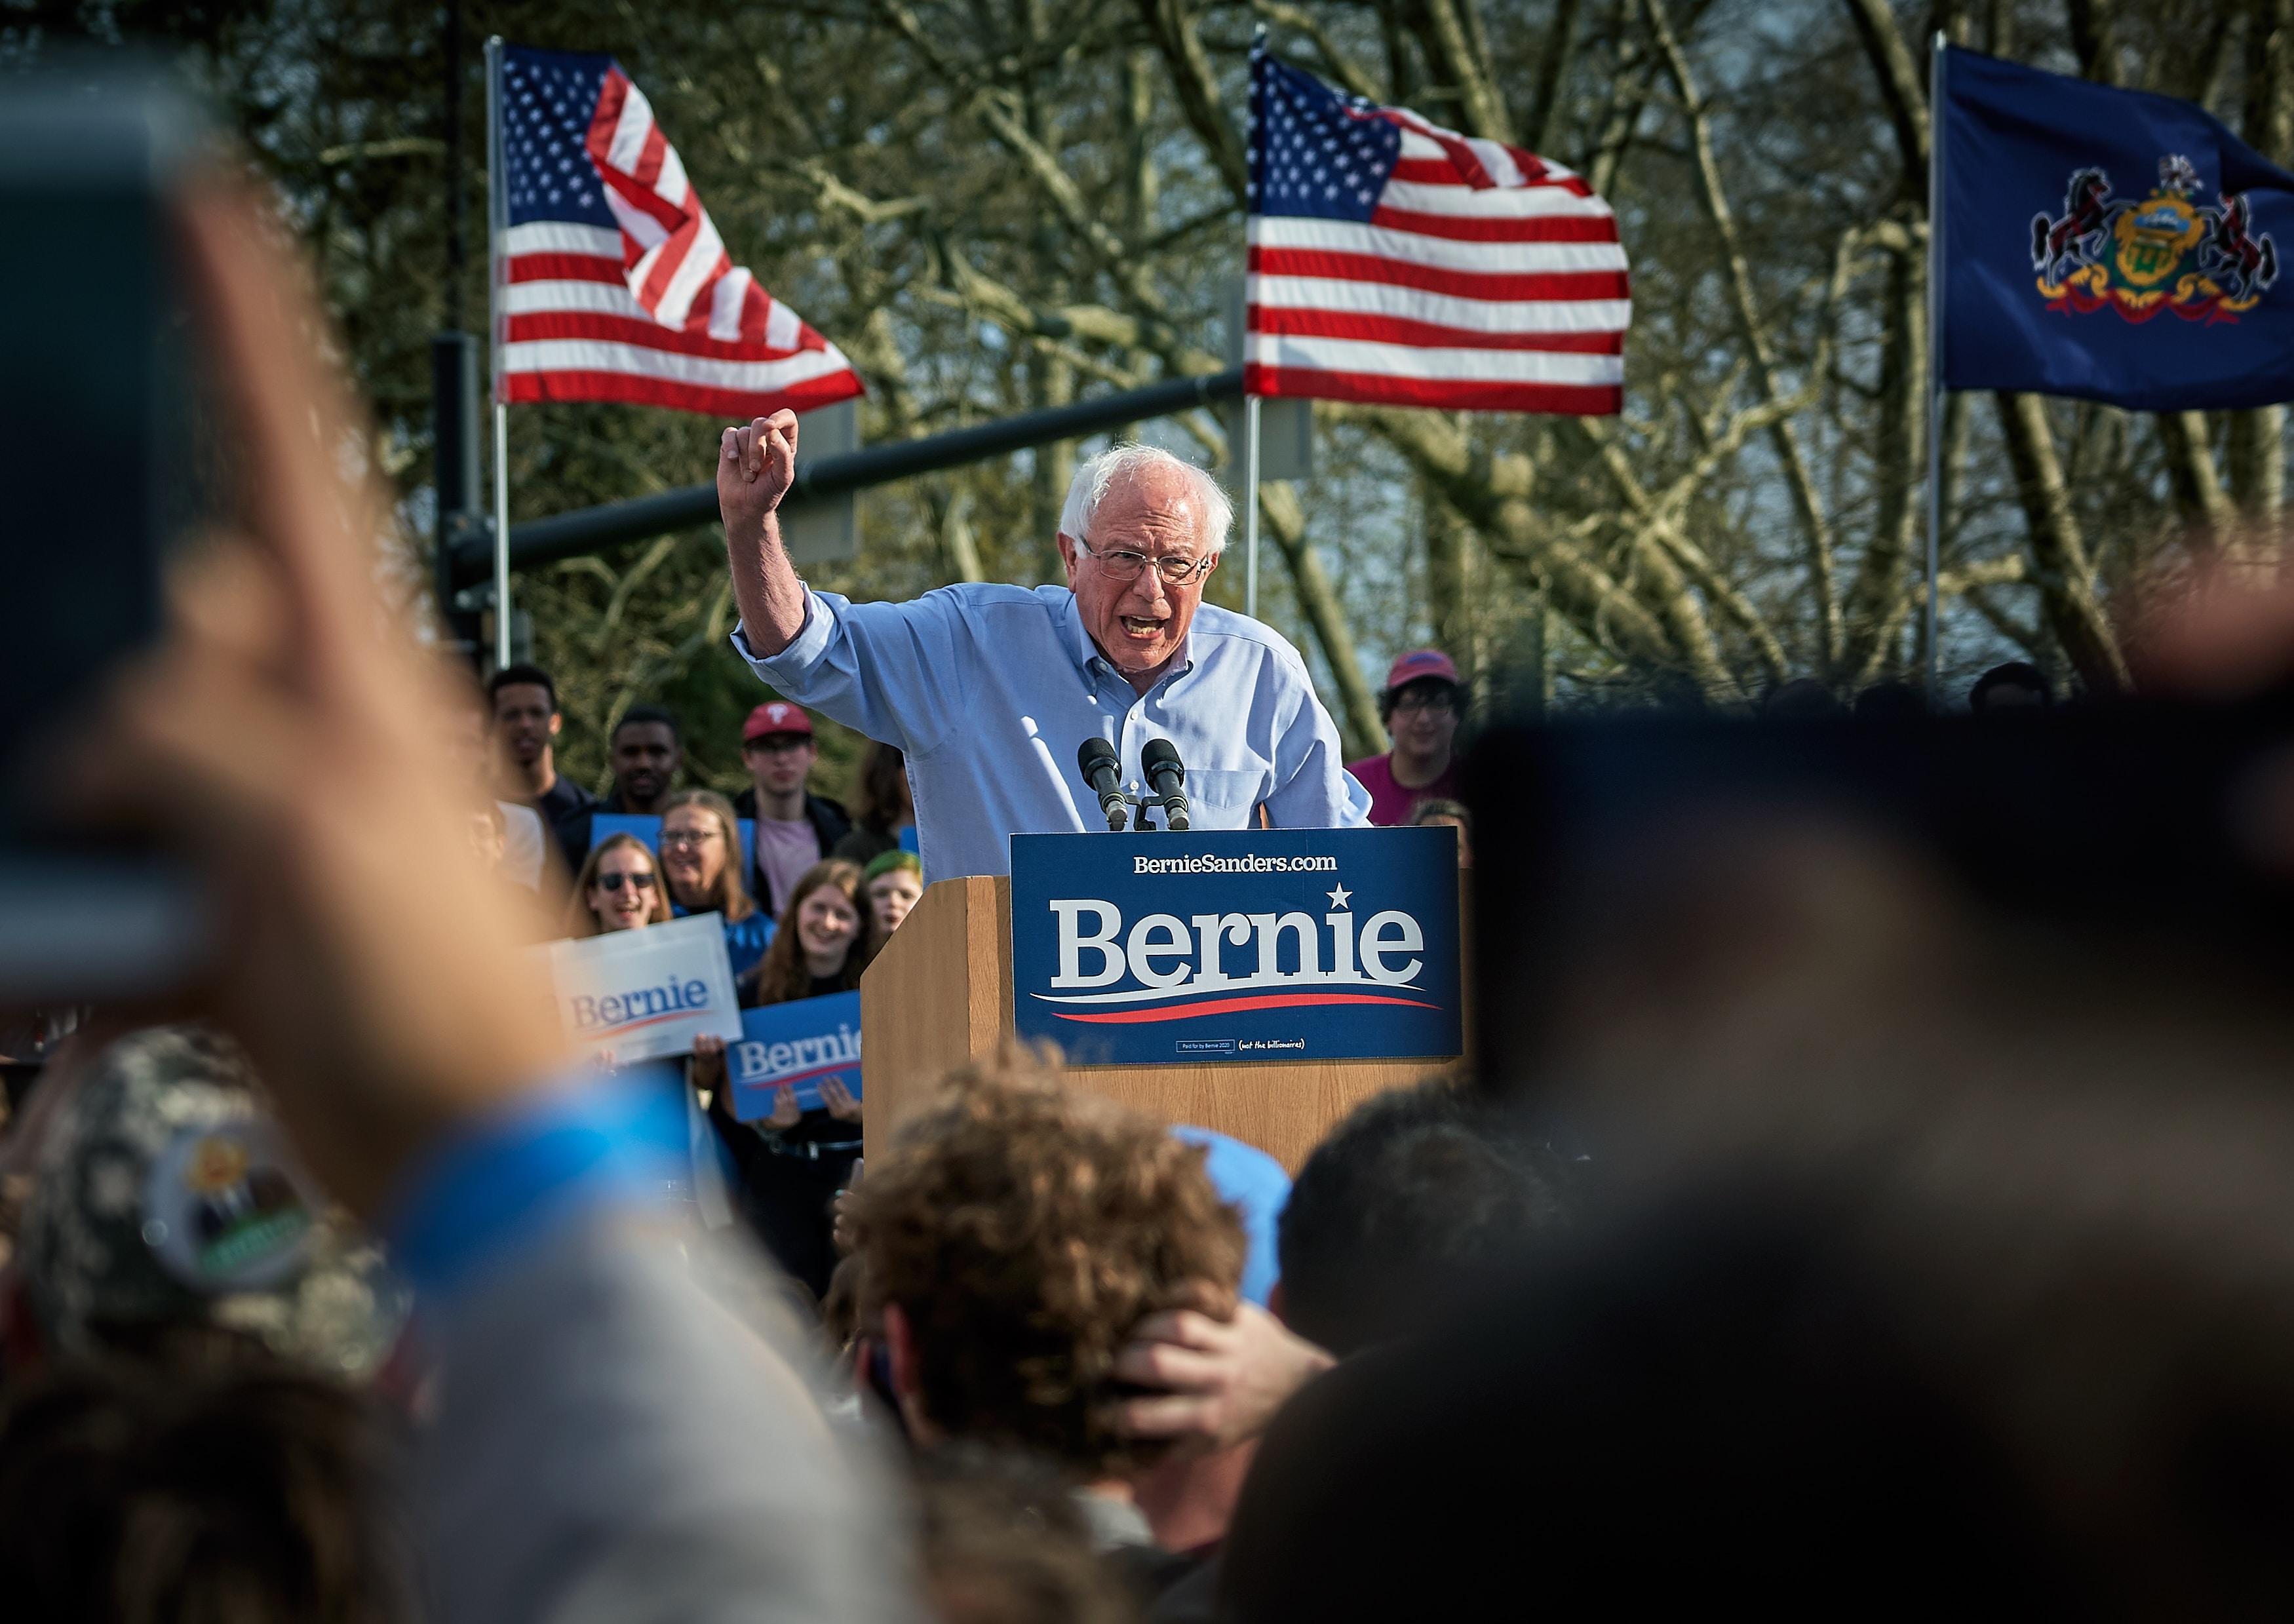 Bernie Sanders giving a speech. Courtesy: Vidar Nordli-Mathisen on Unsplash